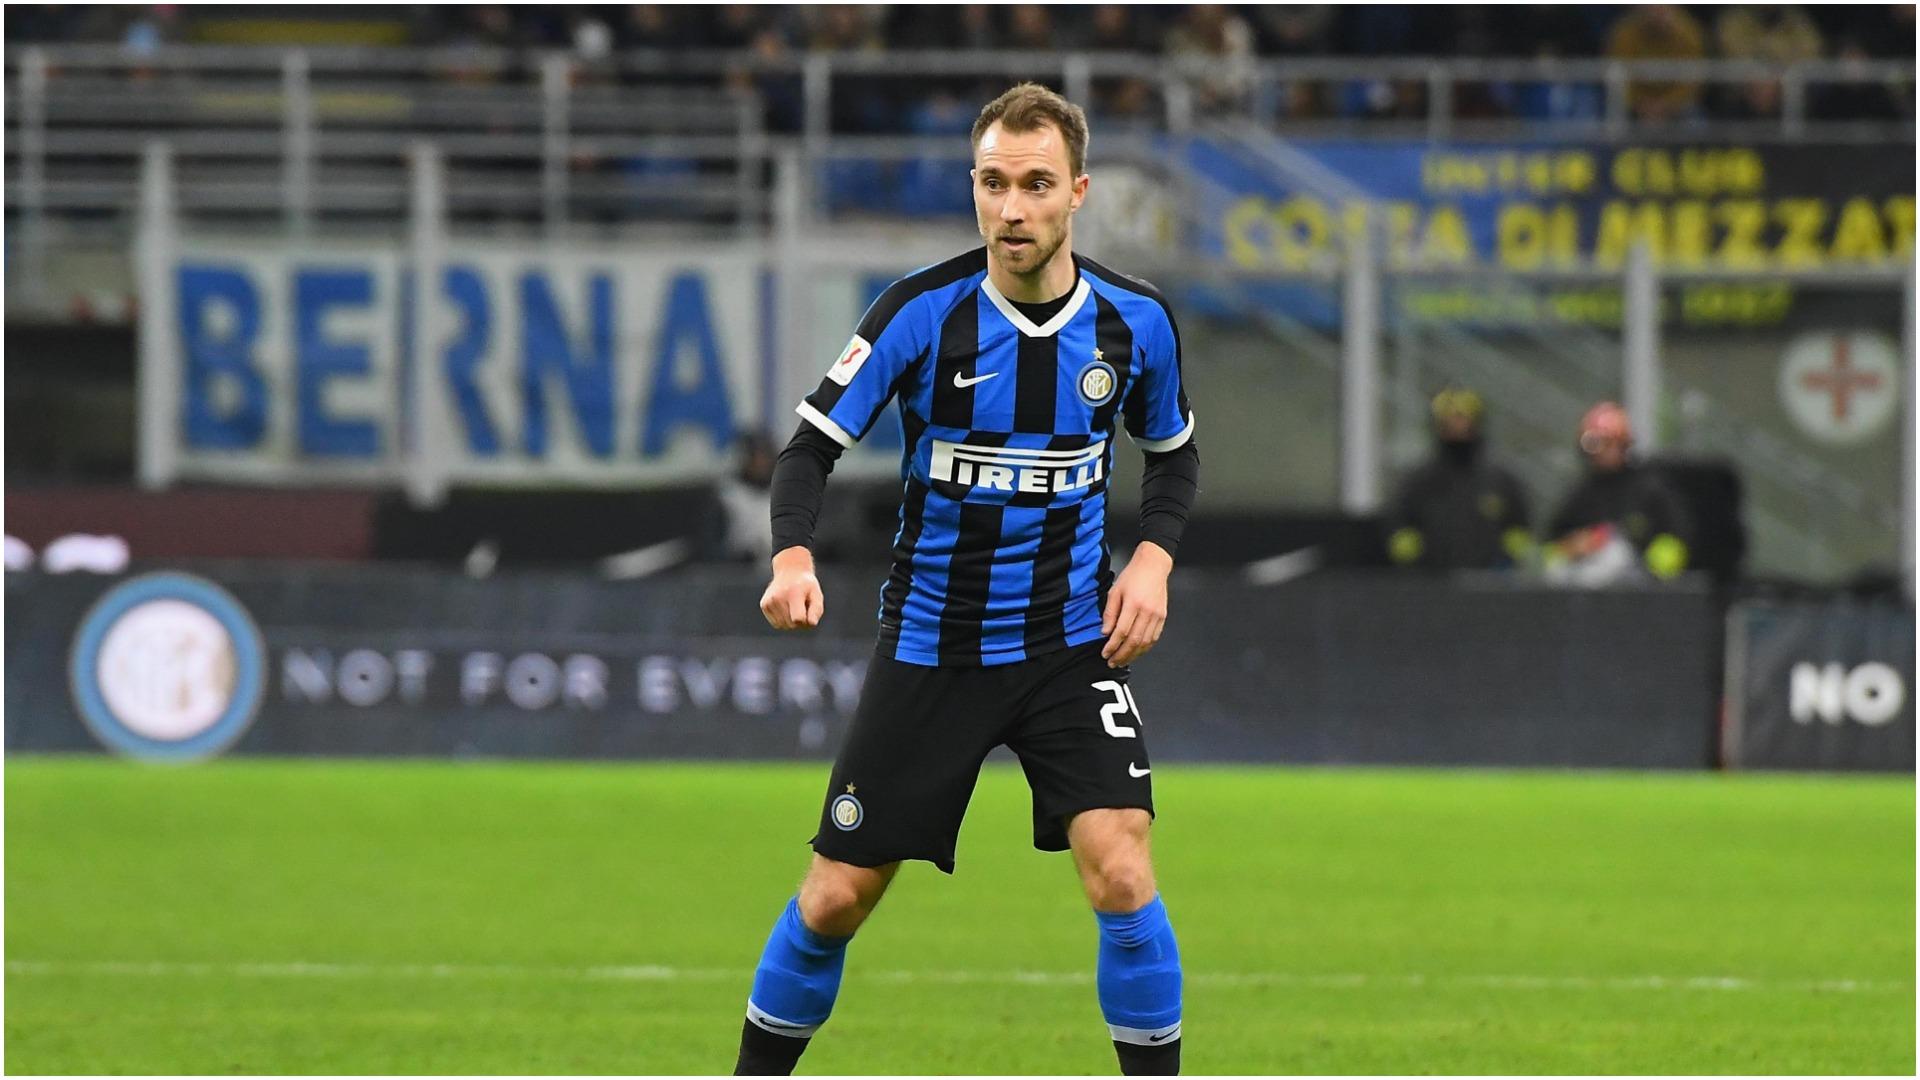 Shënoi ndaj Sampdorias, Eriksen ka një premtim për tifozët e Interit